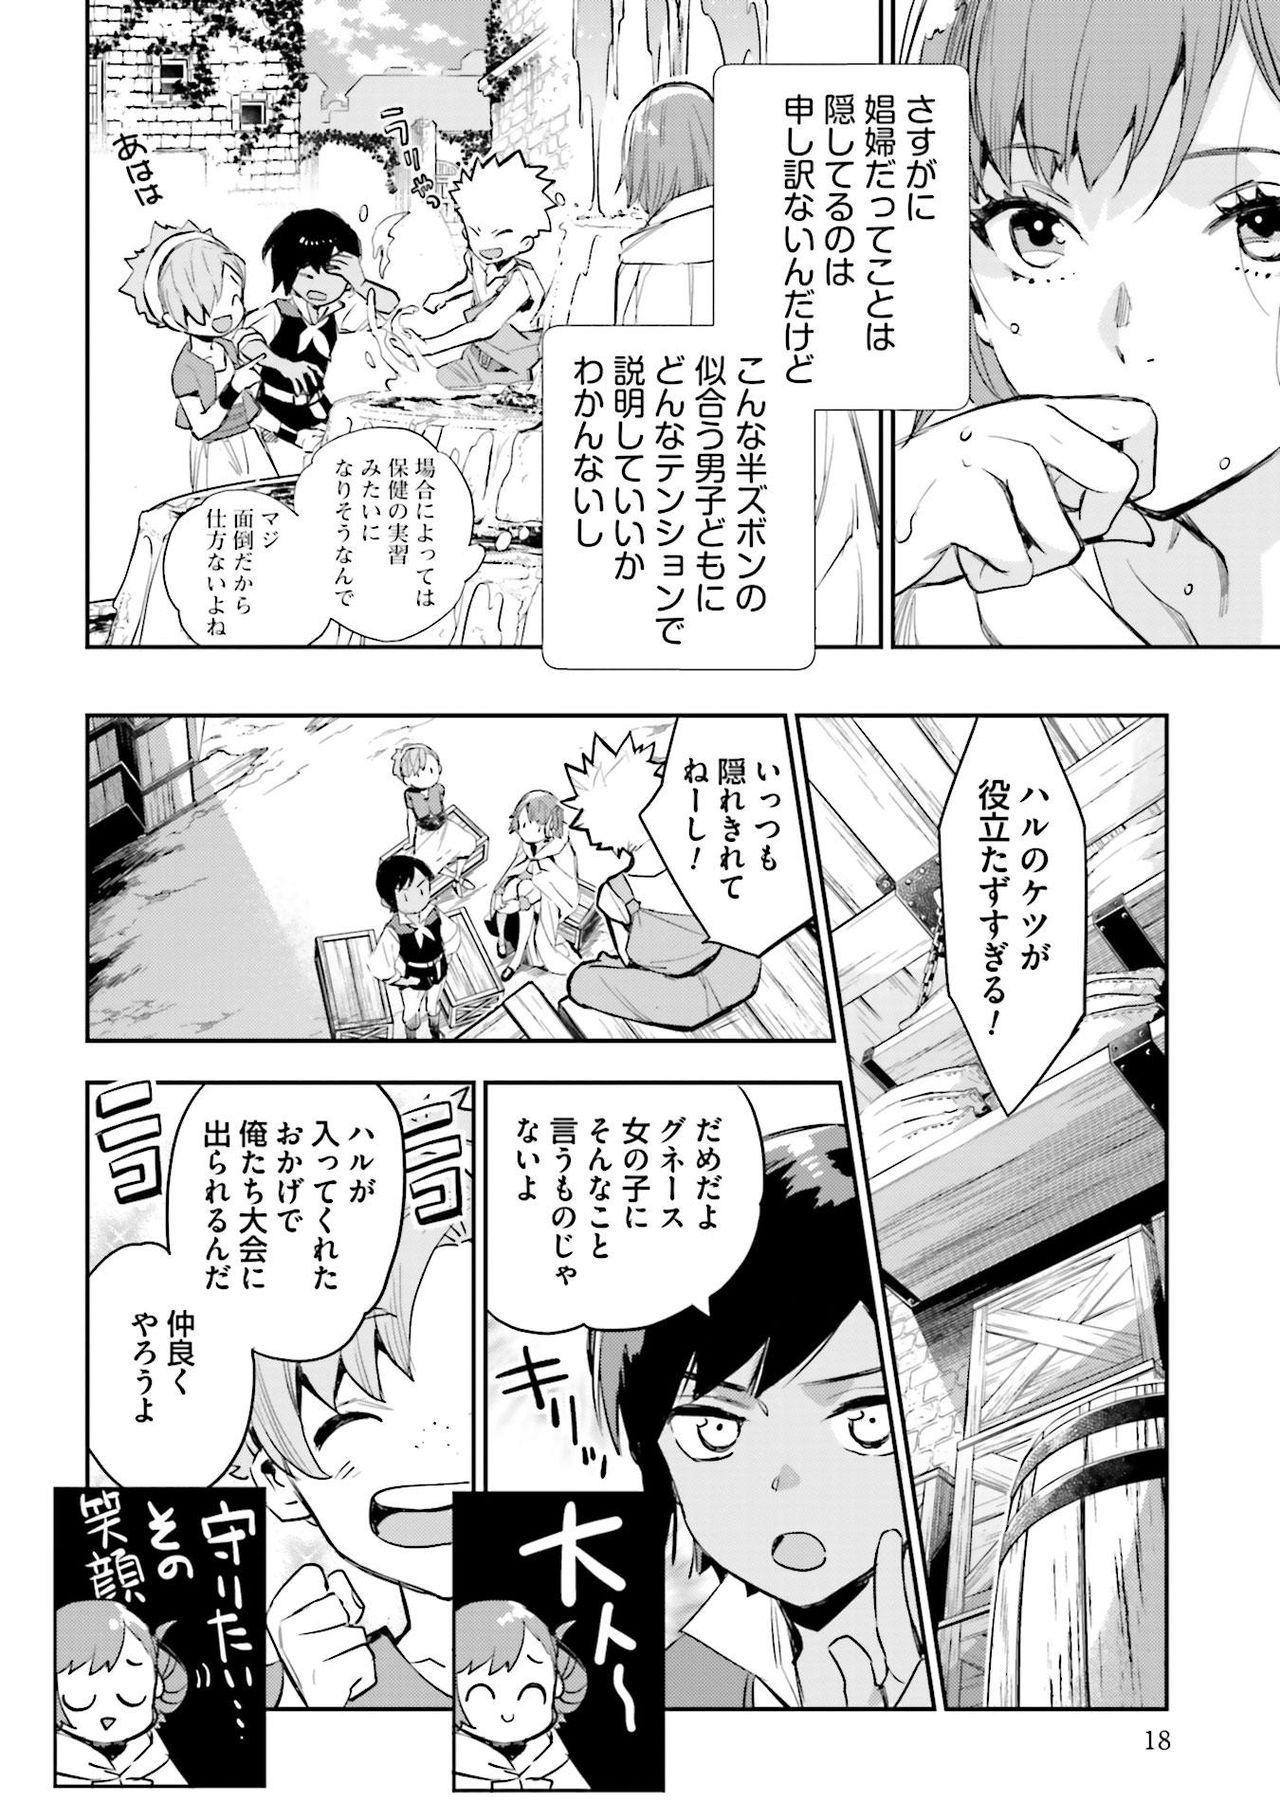 JK Haru wa Isekai de Shoufu ni Natta 1-14 377